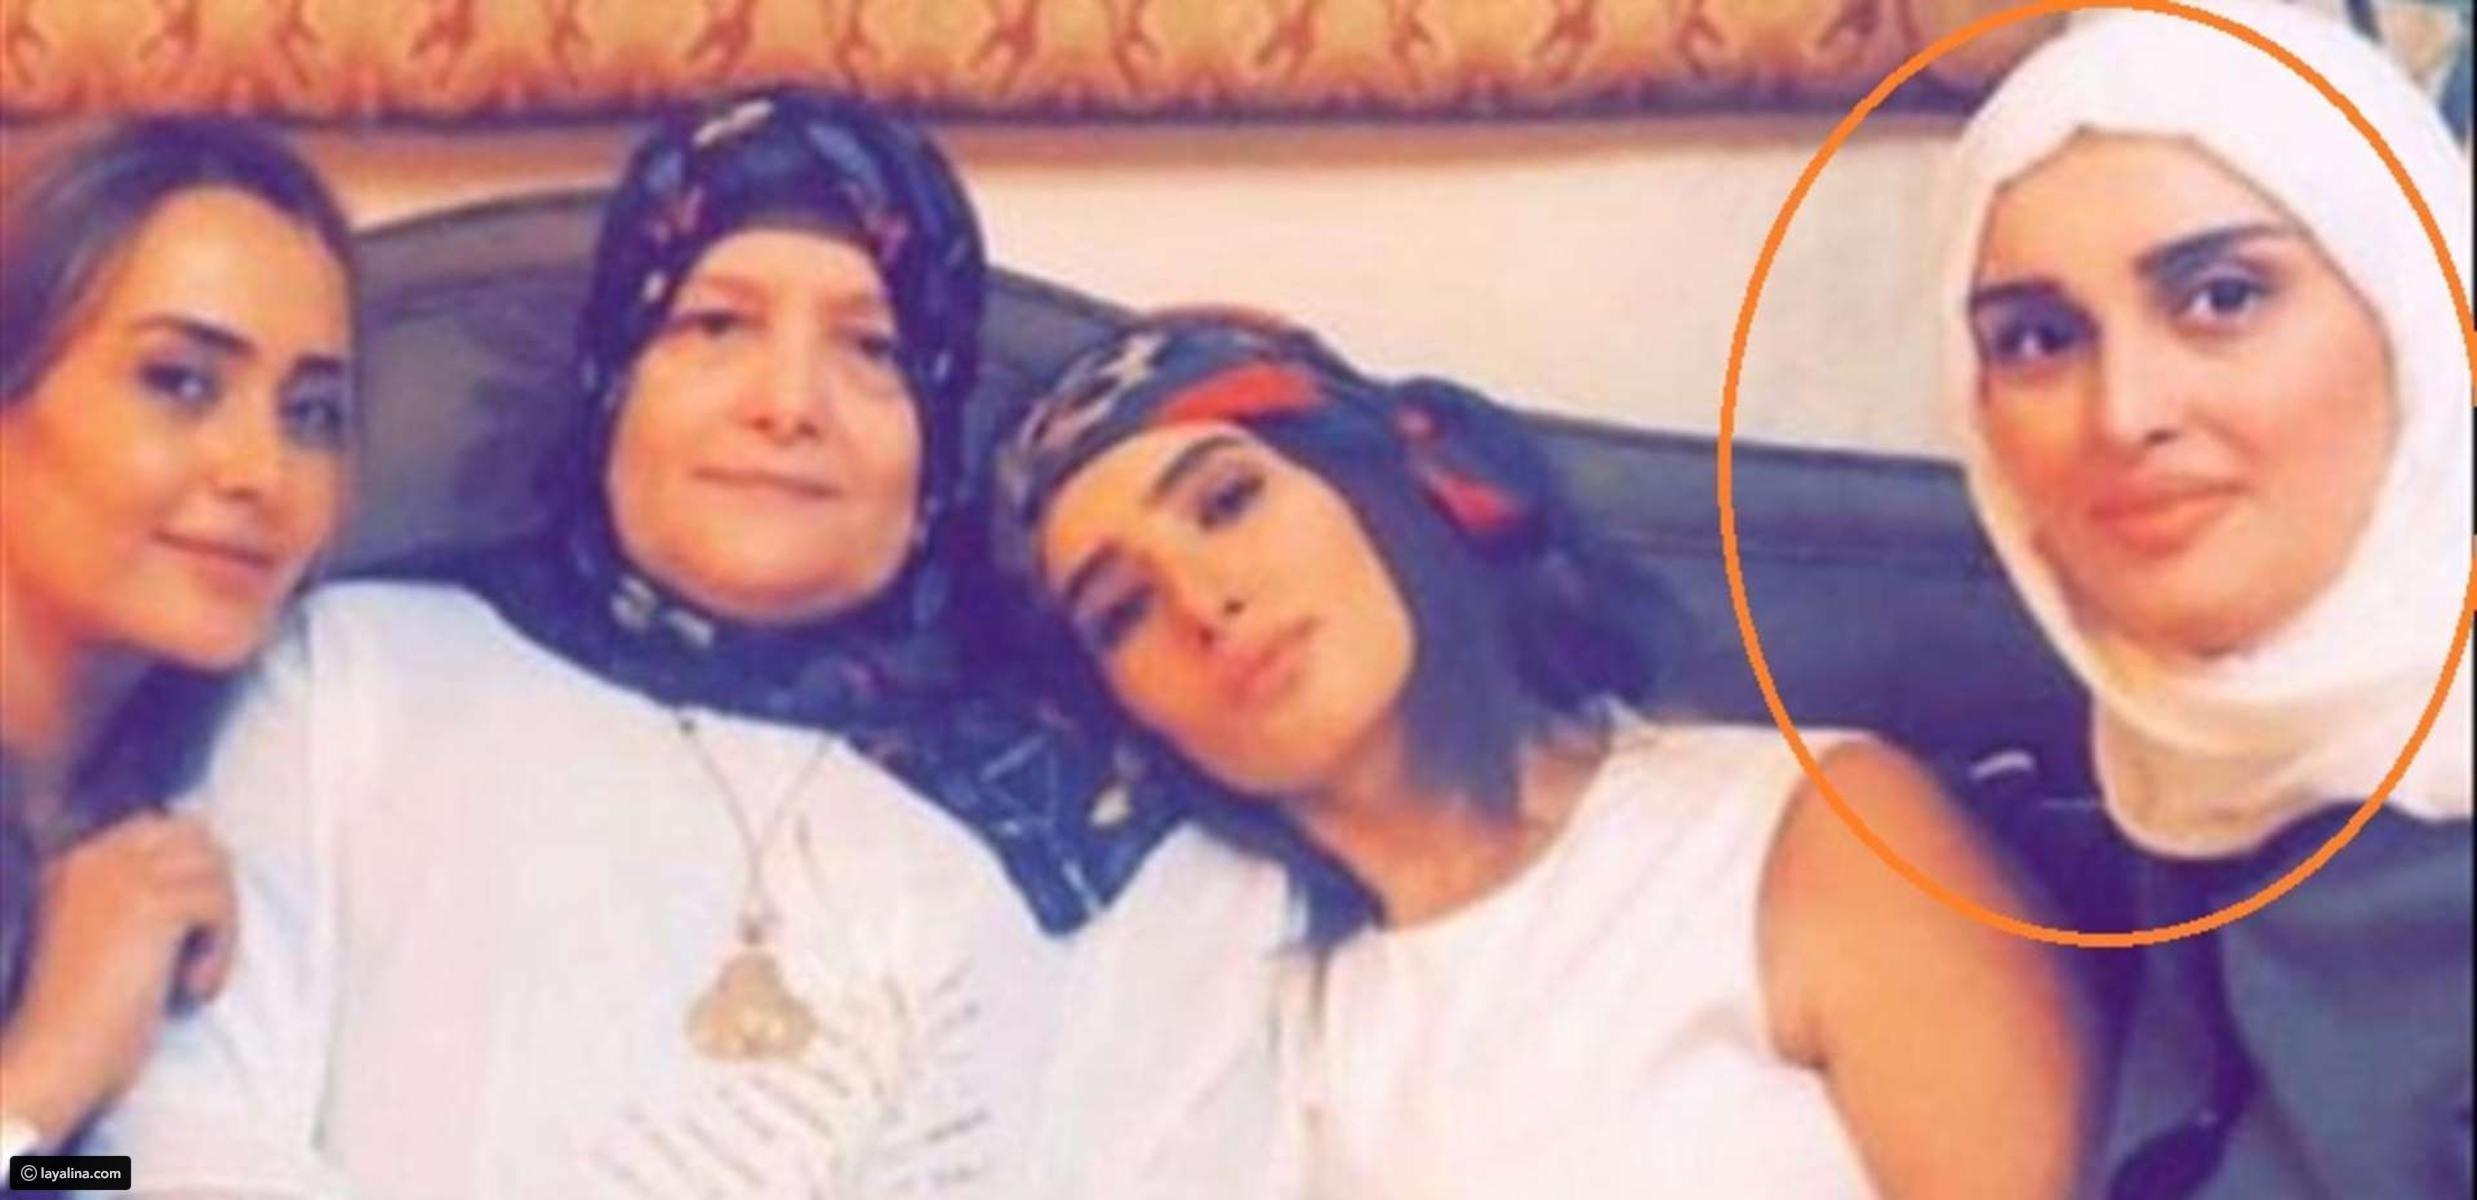 نسرين شقيقة زينة التي دخلت في مشادة مع أحمد عز